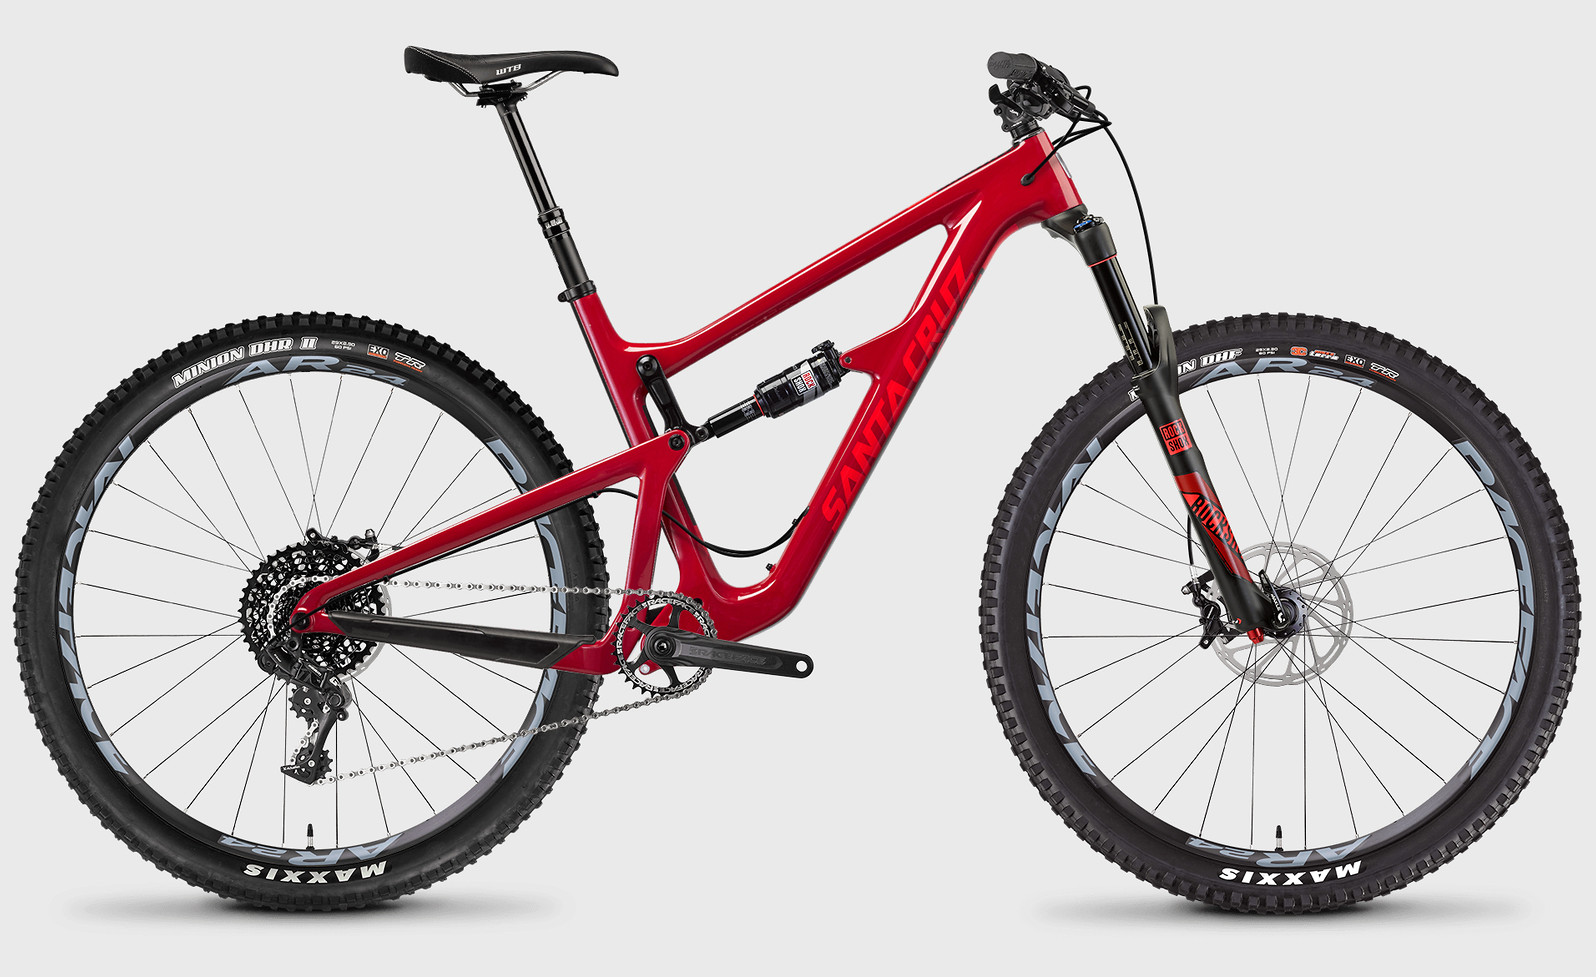 medium resolution of 2017 santa cruz hightower c s bike sriracha red